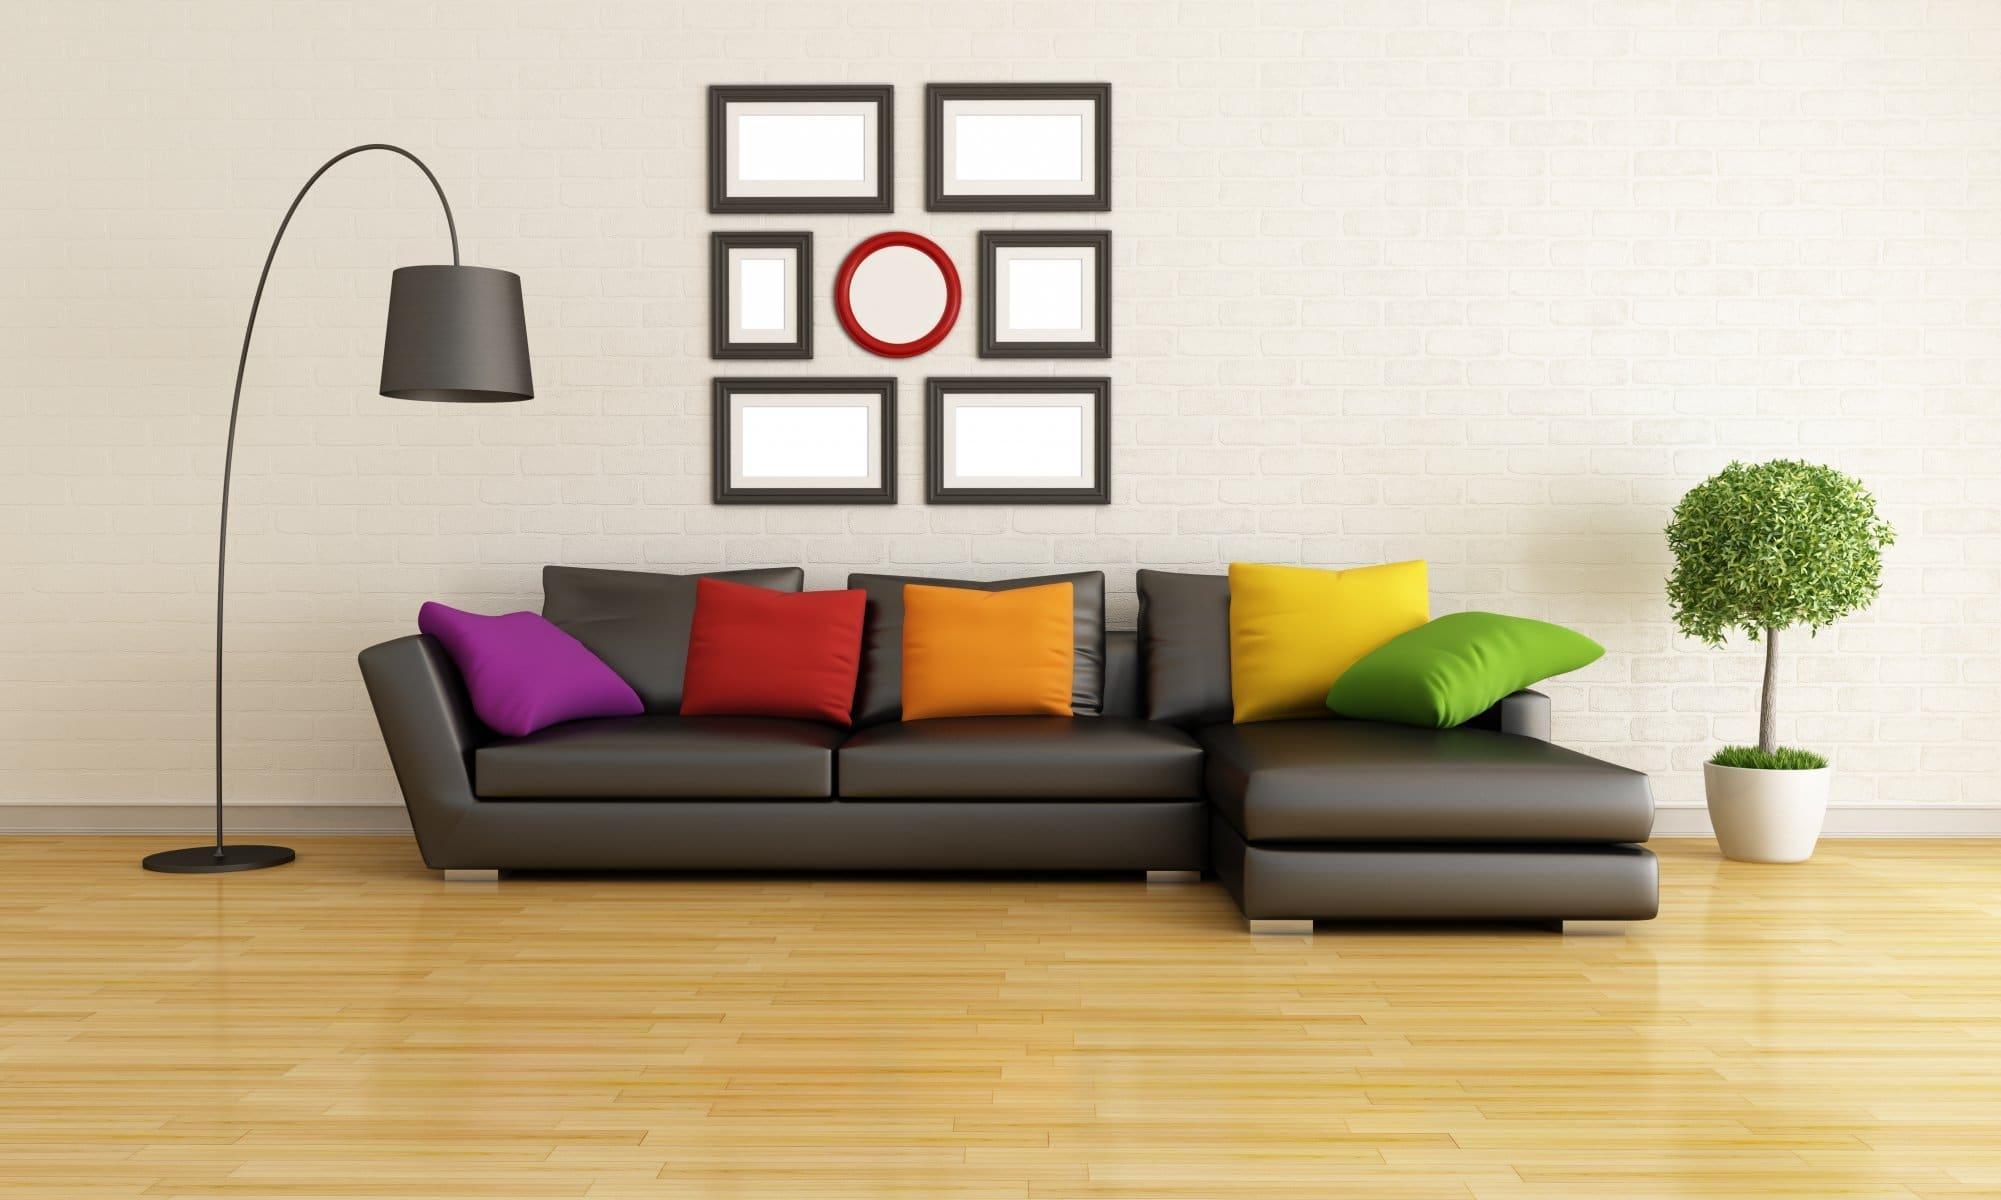 Scopriamo insieme l 39 importanza dei dettagli in sala stile - Cuscini da divano ...